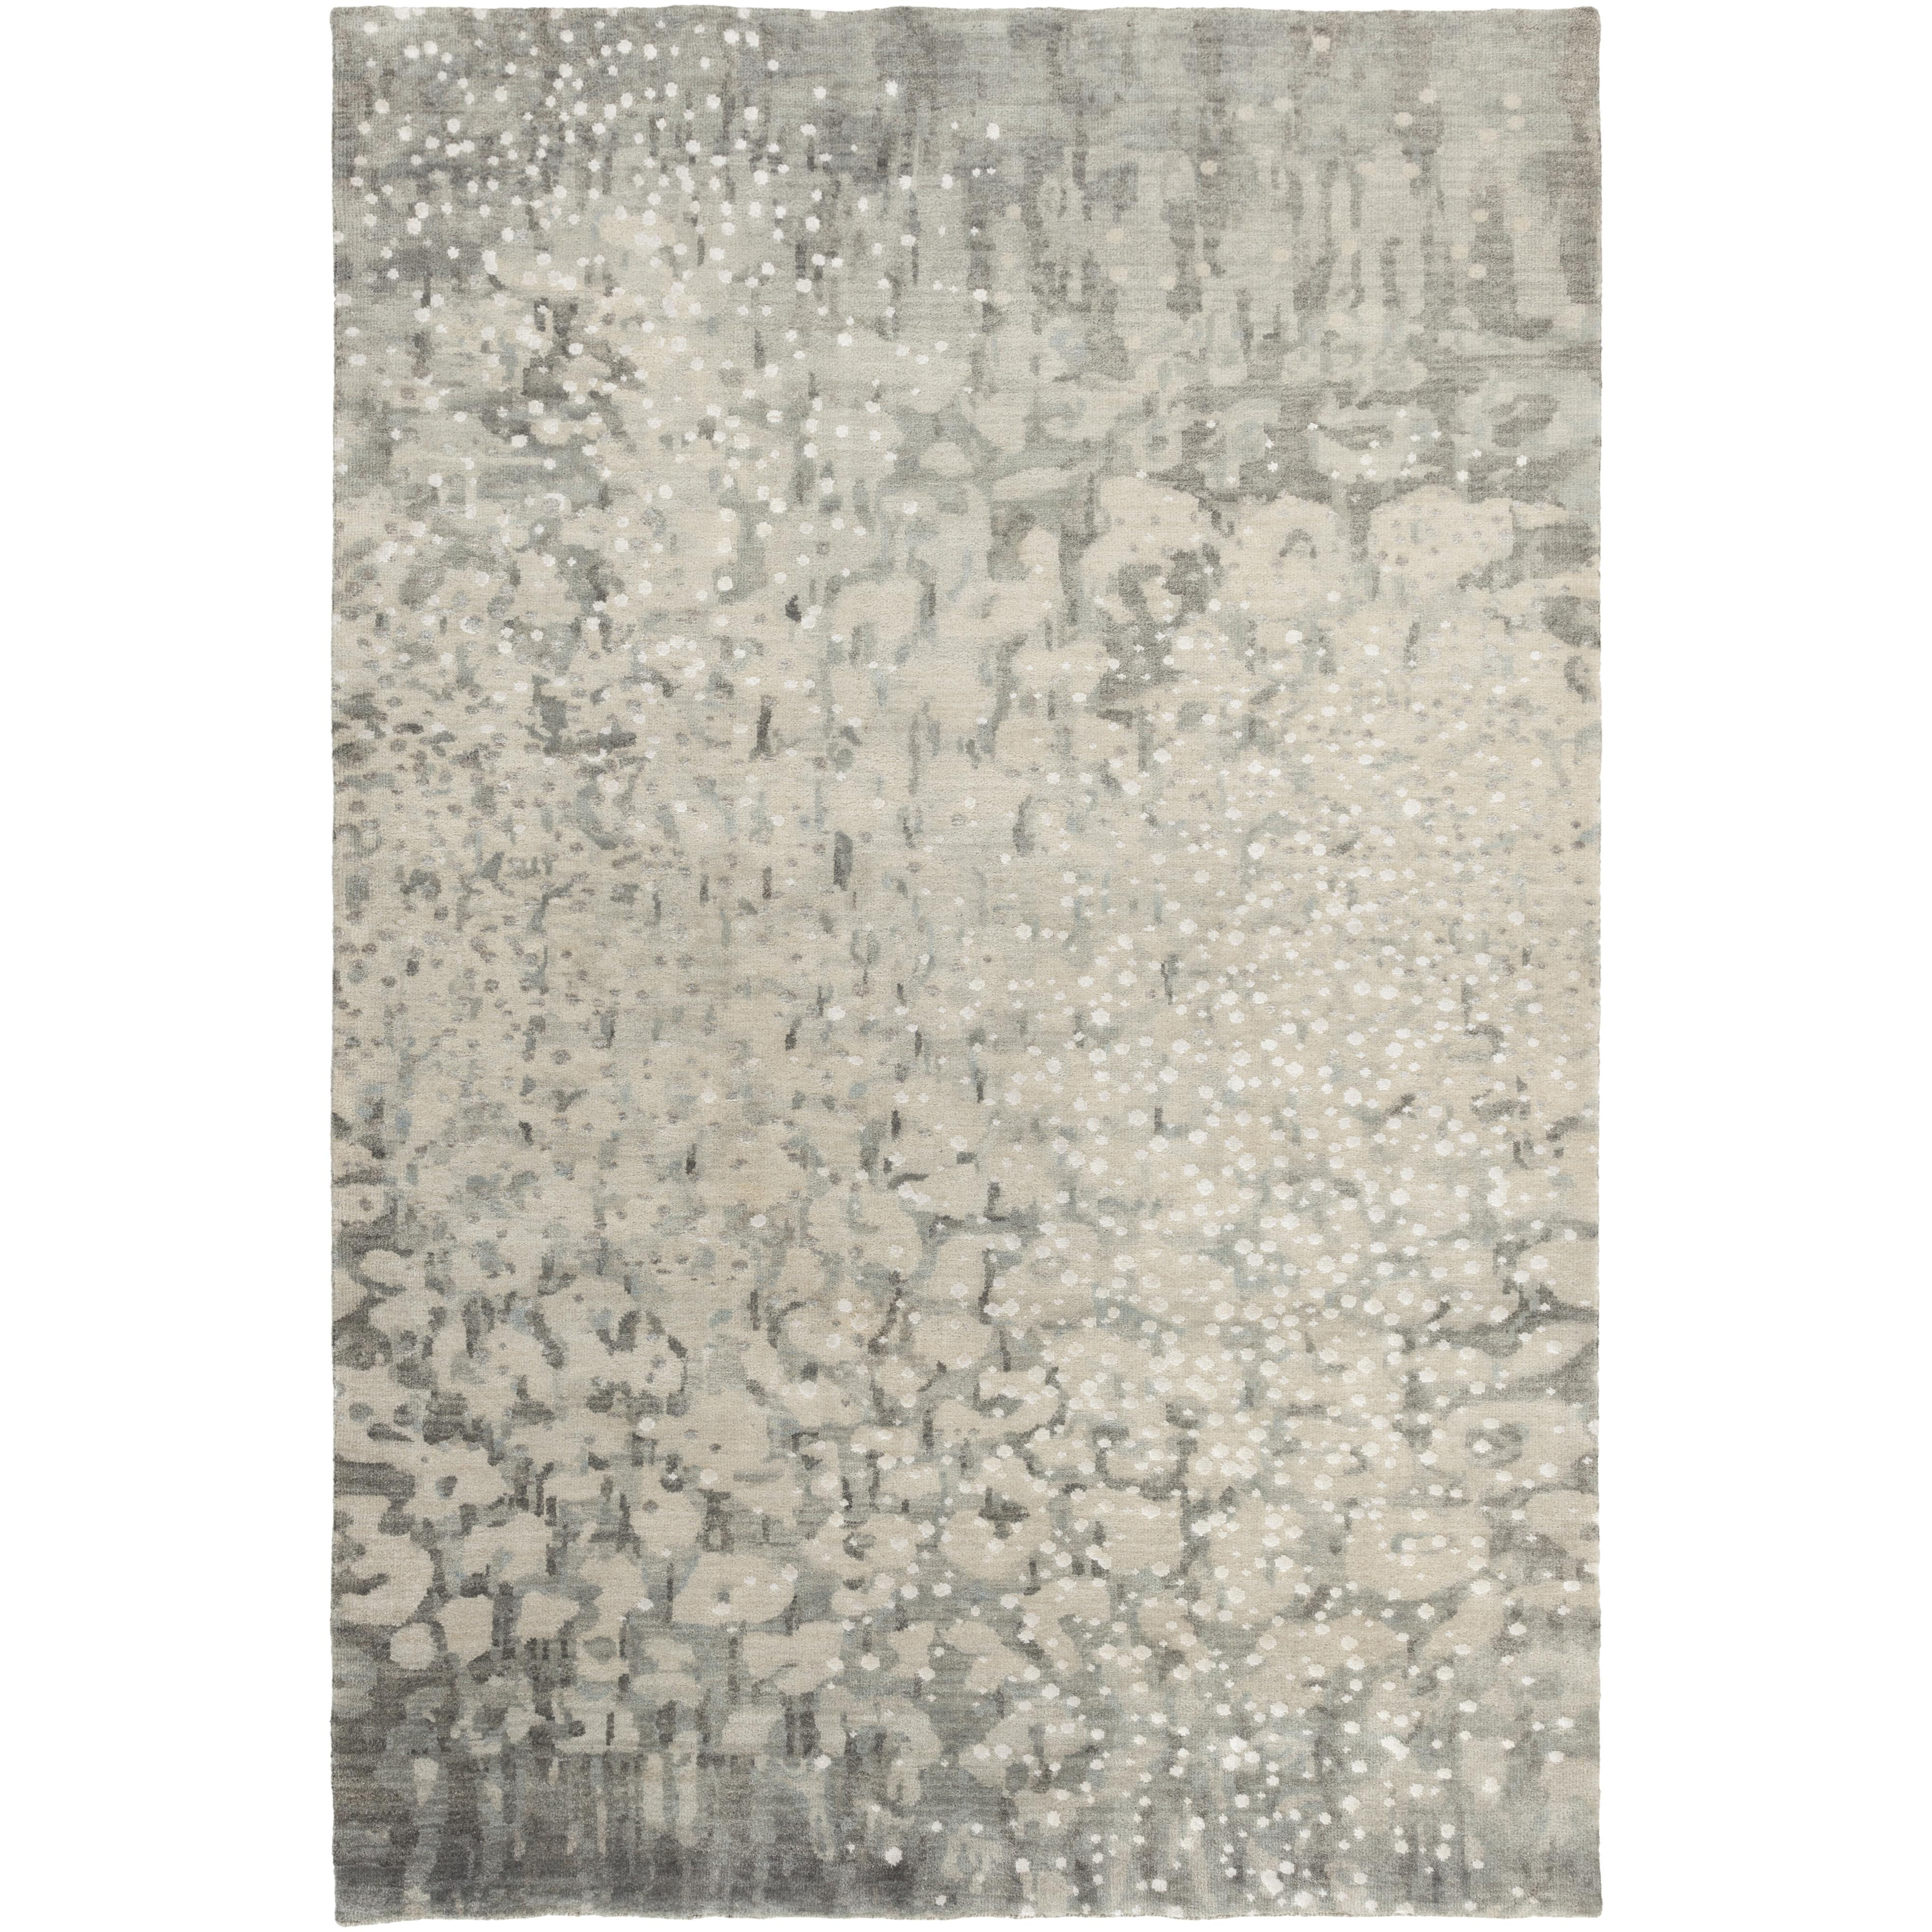 Surya Rugs Watercolor 5' x 8' - Item Number: WAT5011-58